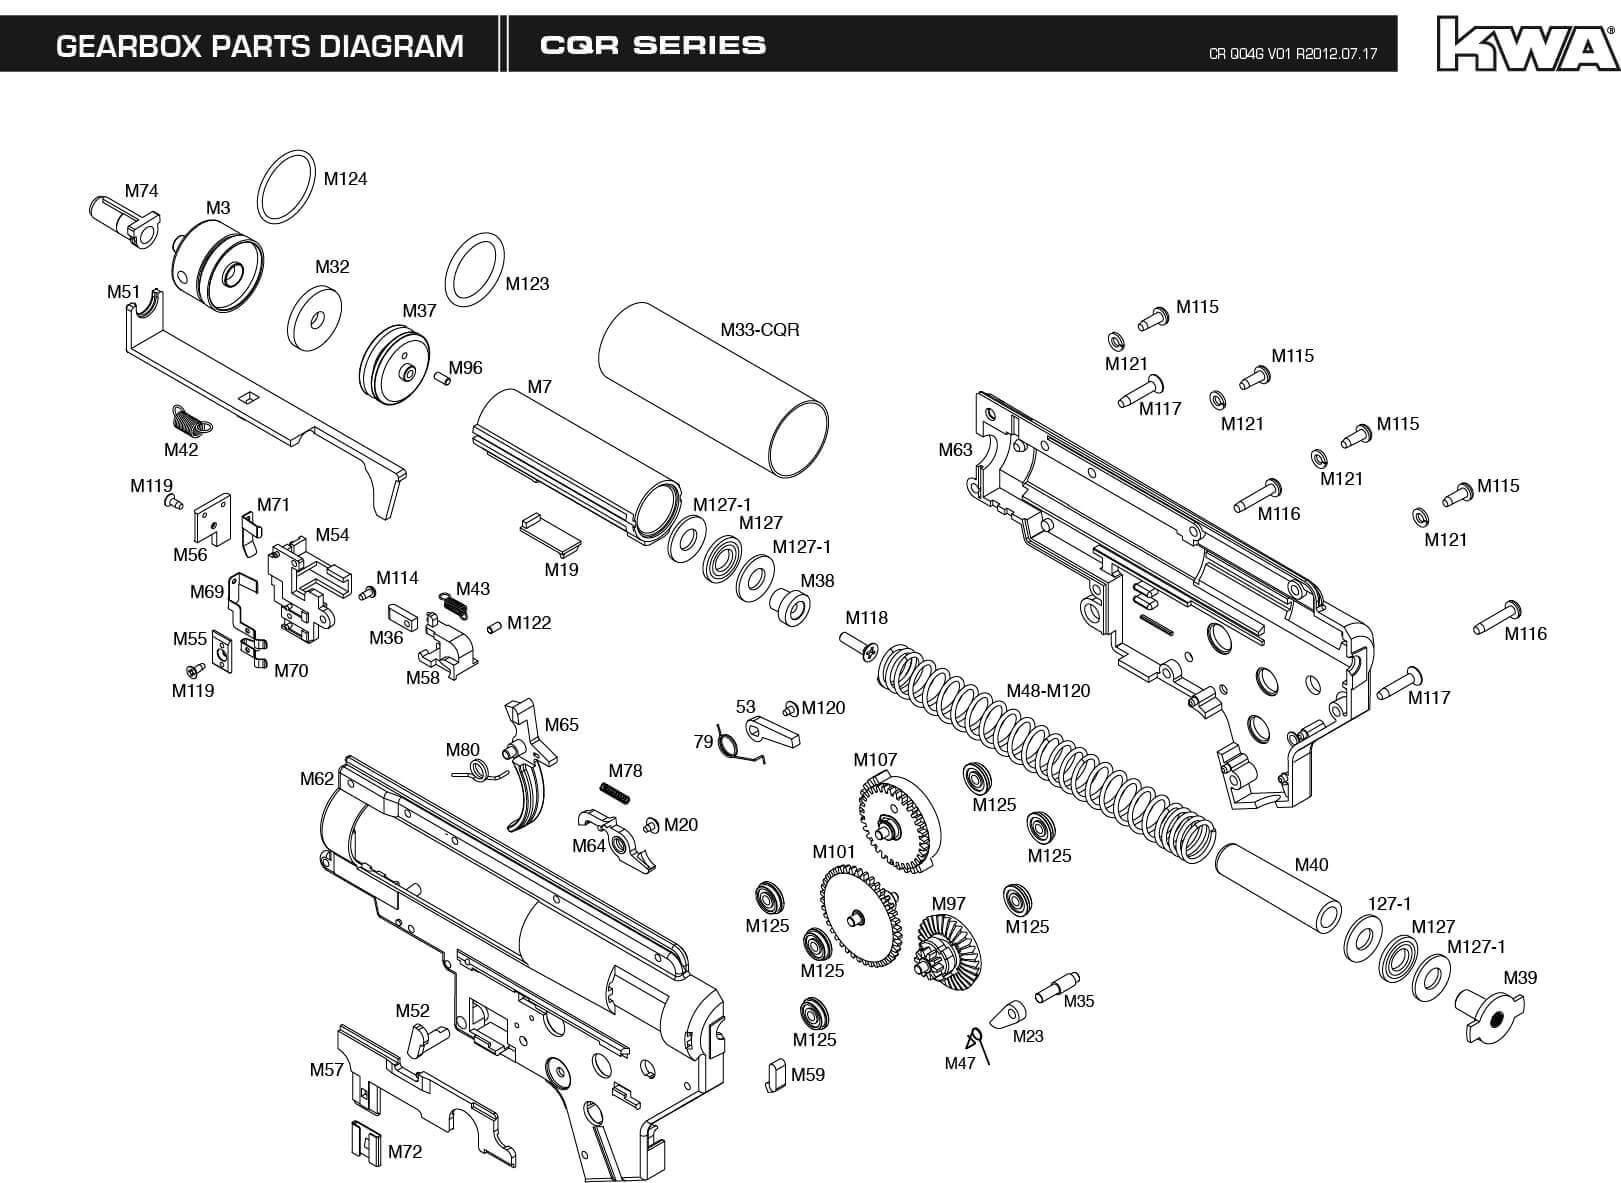 cqb diagrams